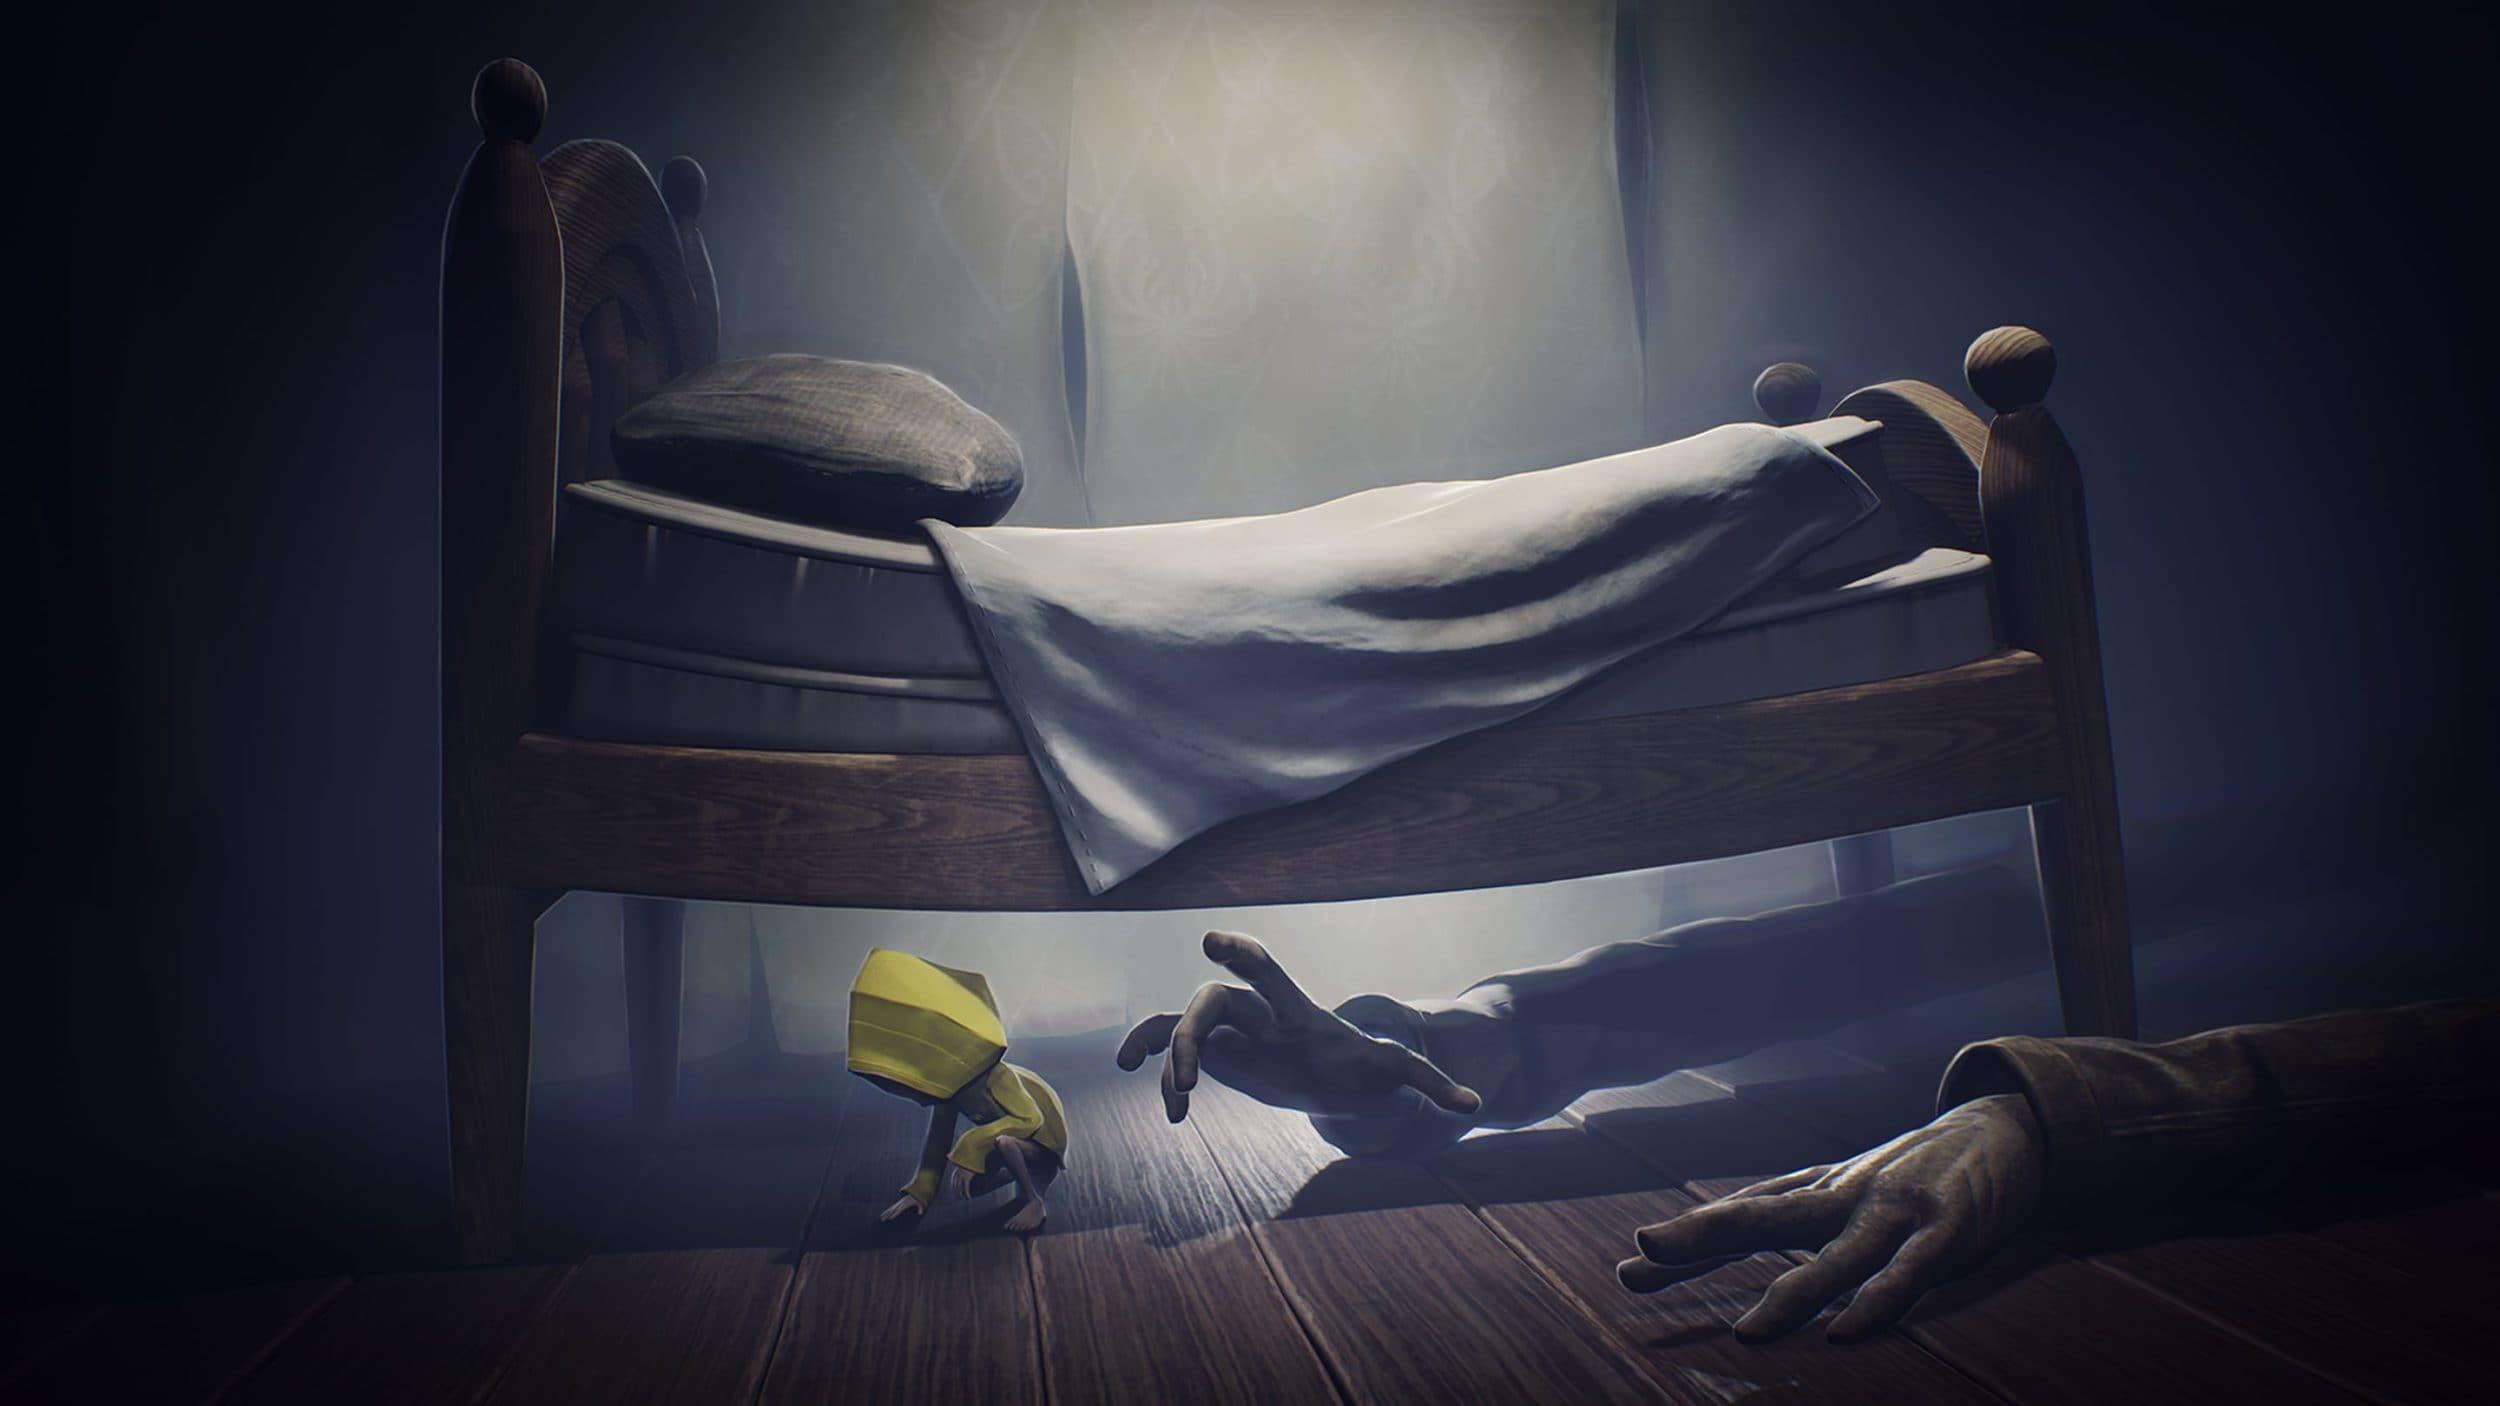 Little Nightmares festeggia 2 milioni di copie vendute e arriva su Stadia! (foto e video)